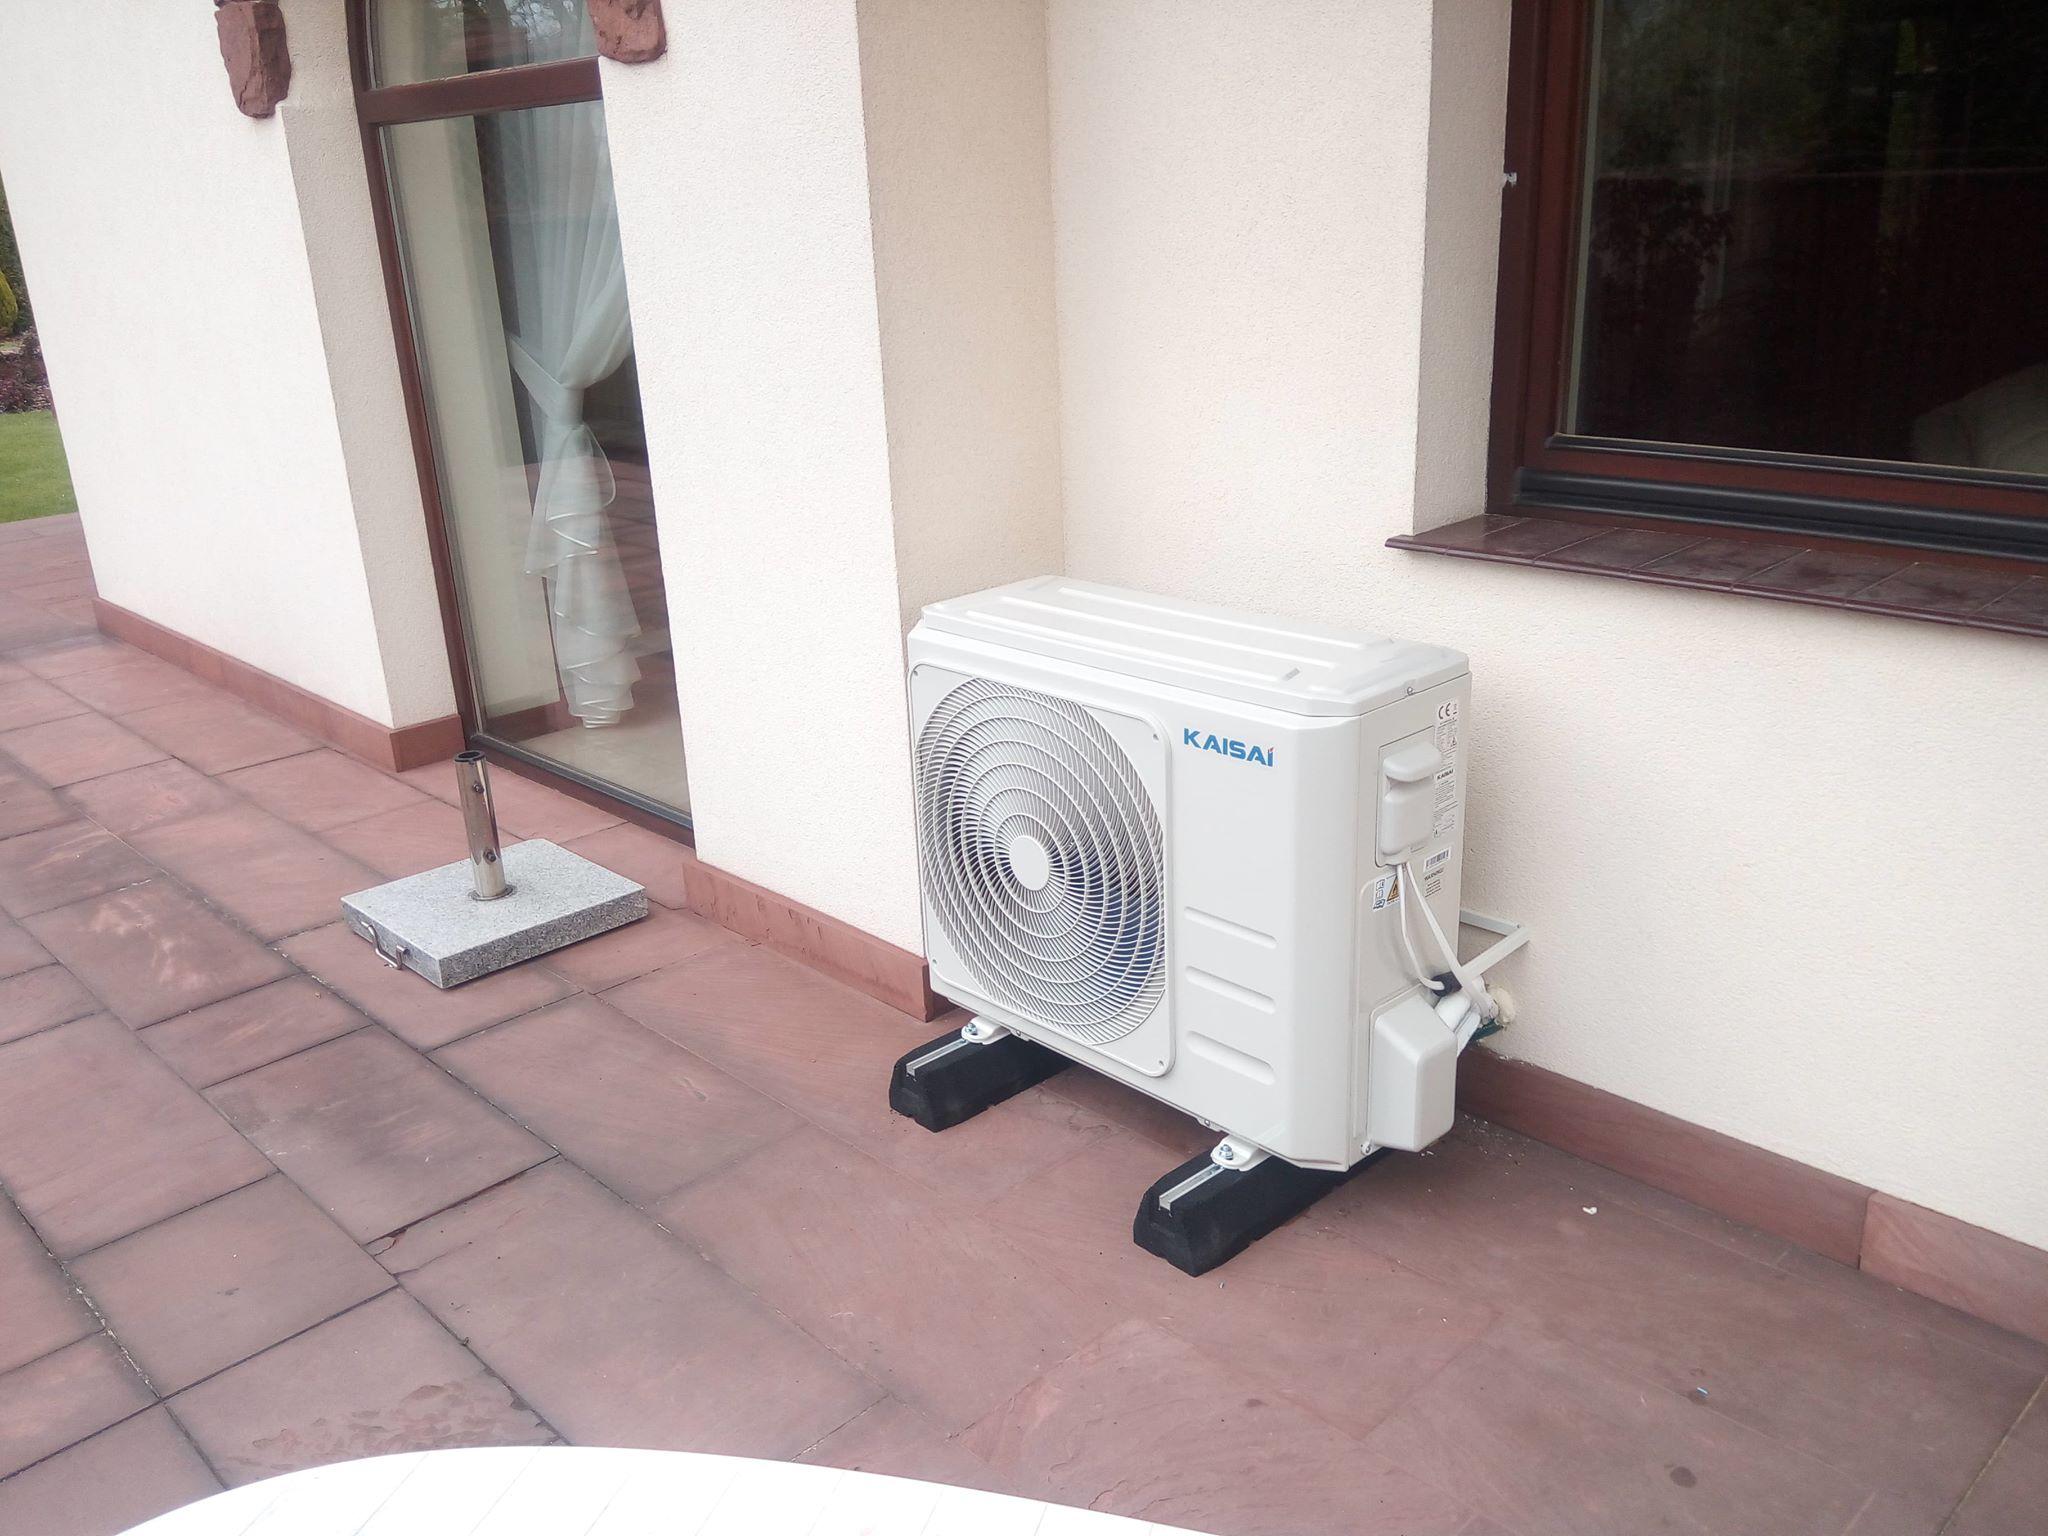 Klimatyzator Klimatyzator przypodłogowy Kaisai Starachowice